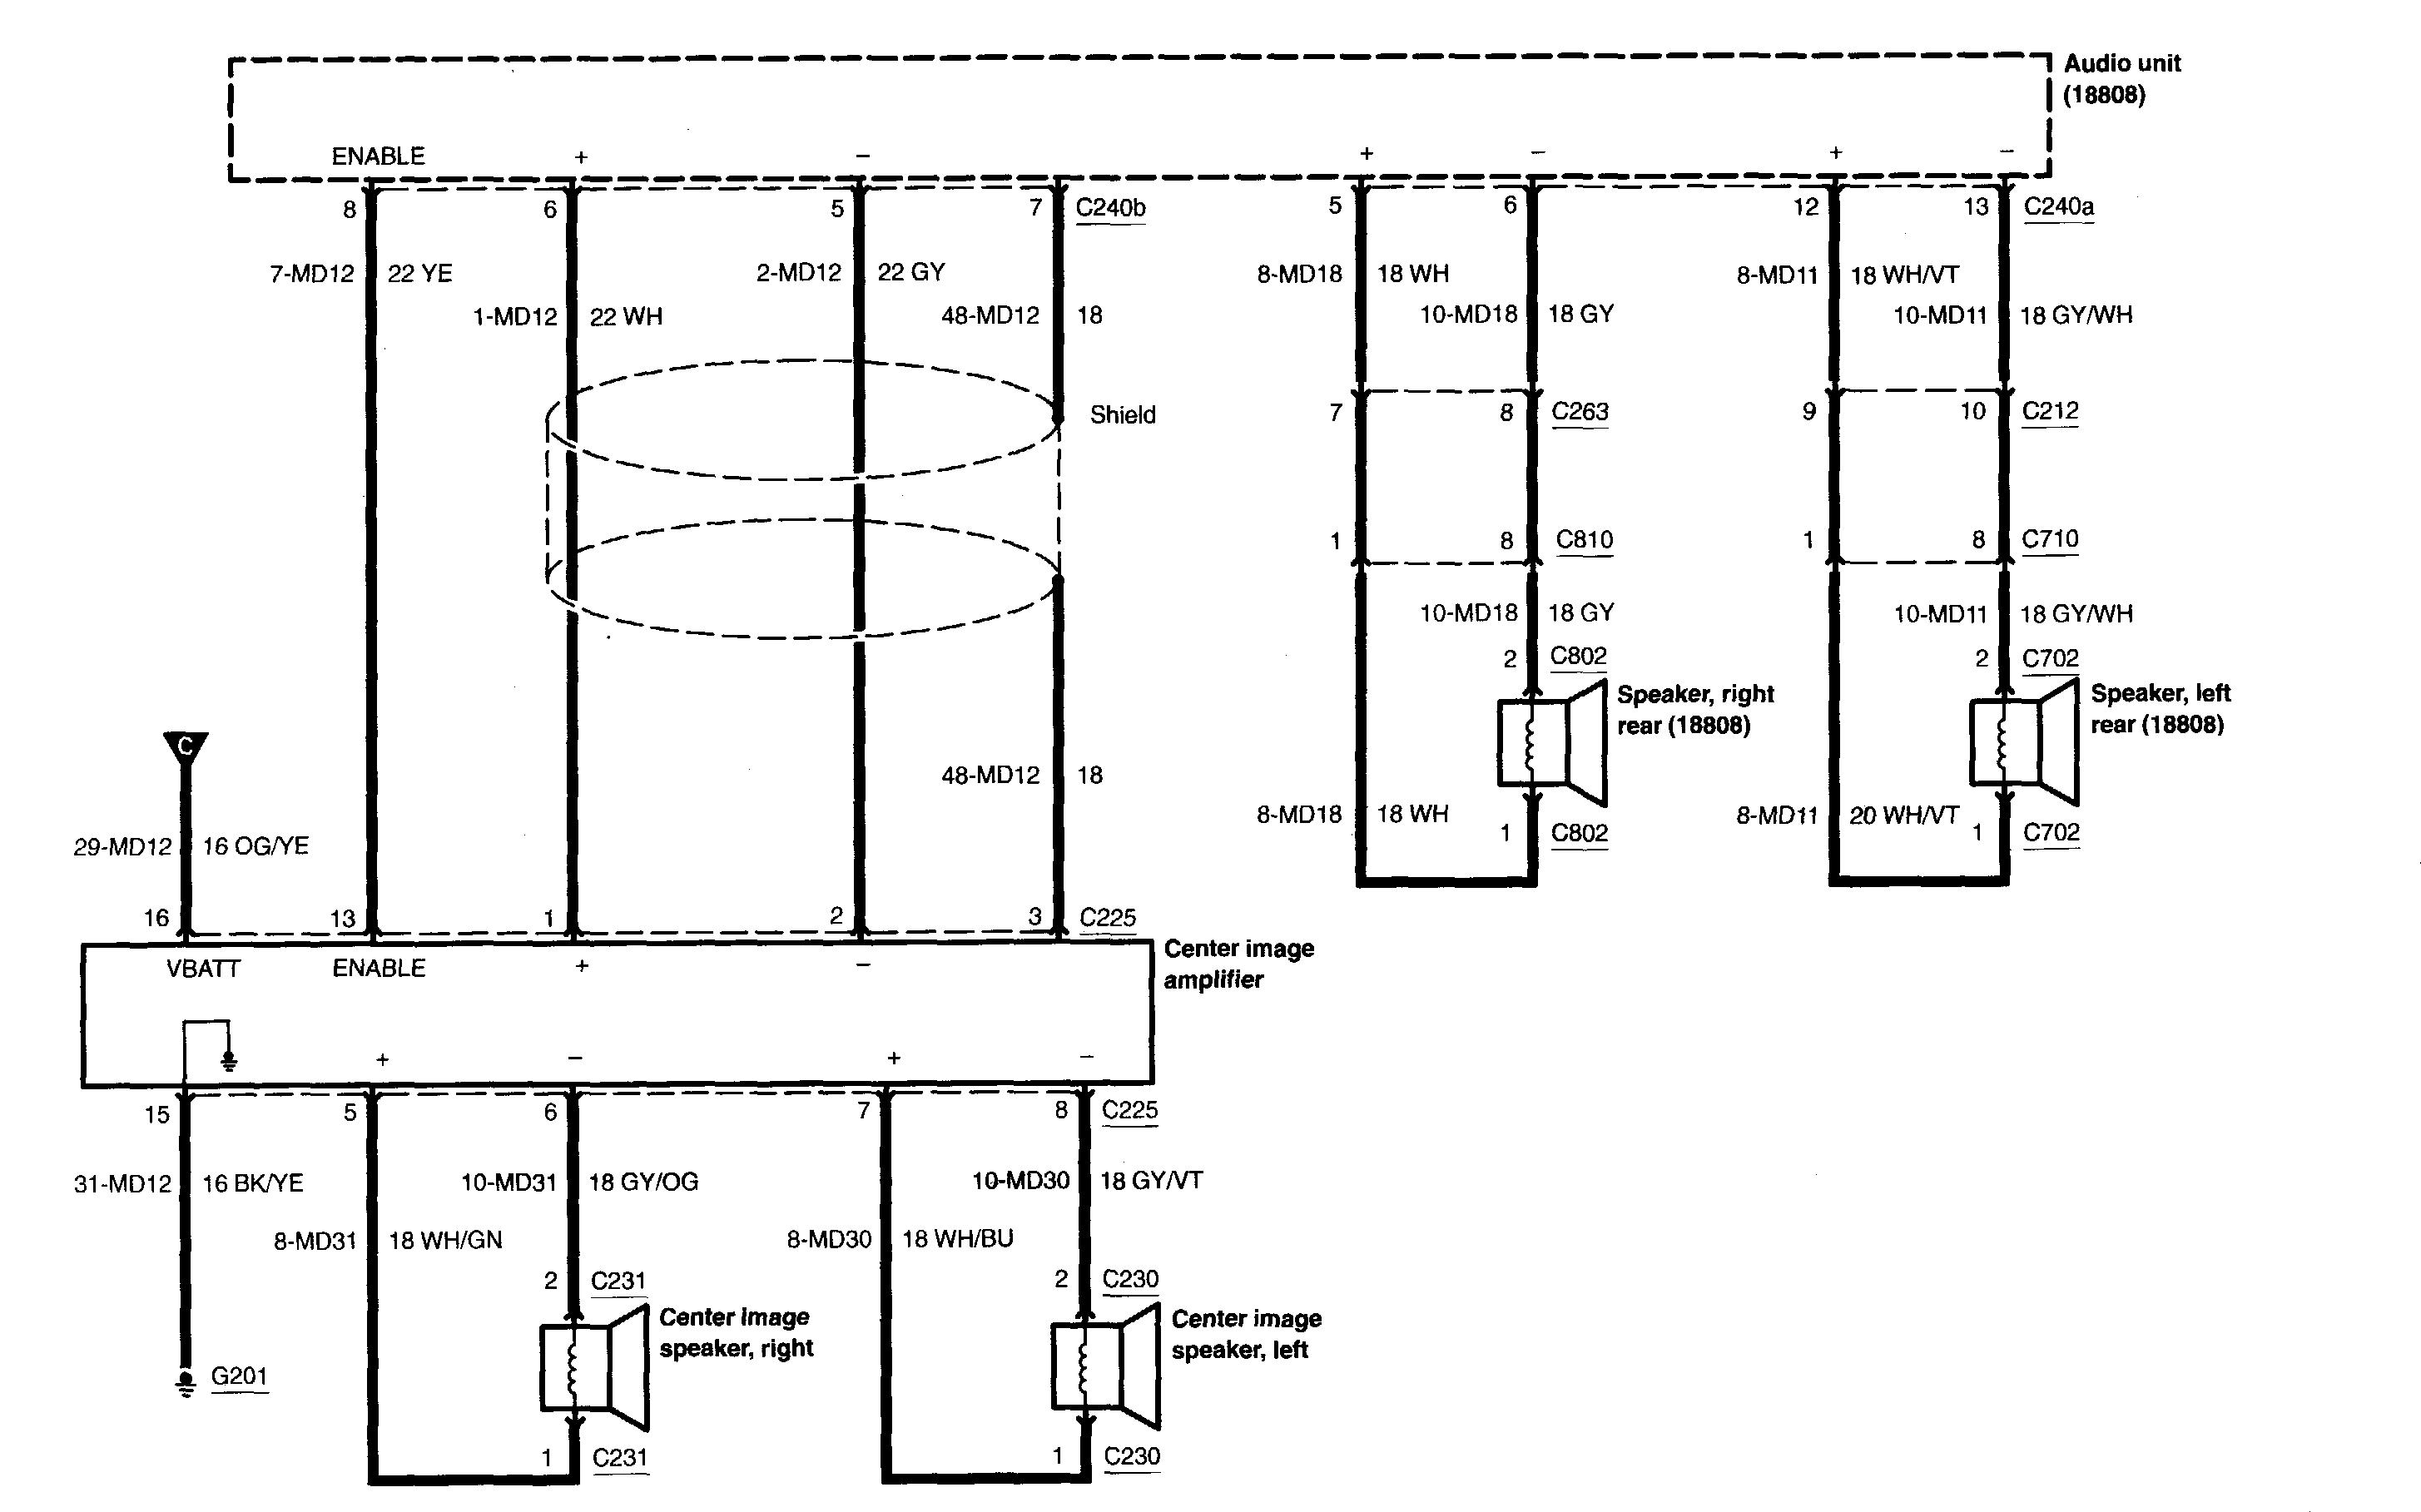 Center Channel Speaker Wiring Diagram | Wiring Library - Center Channel Speaker Wiring Diagram